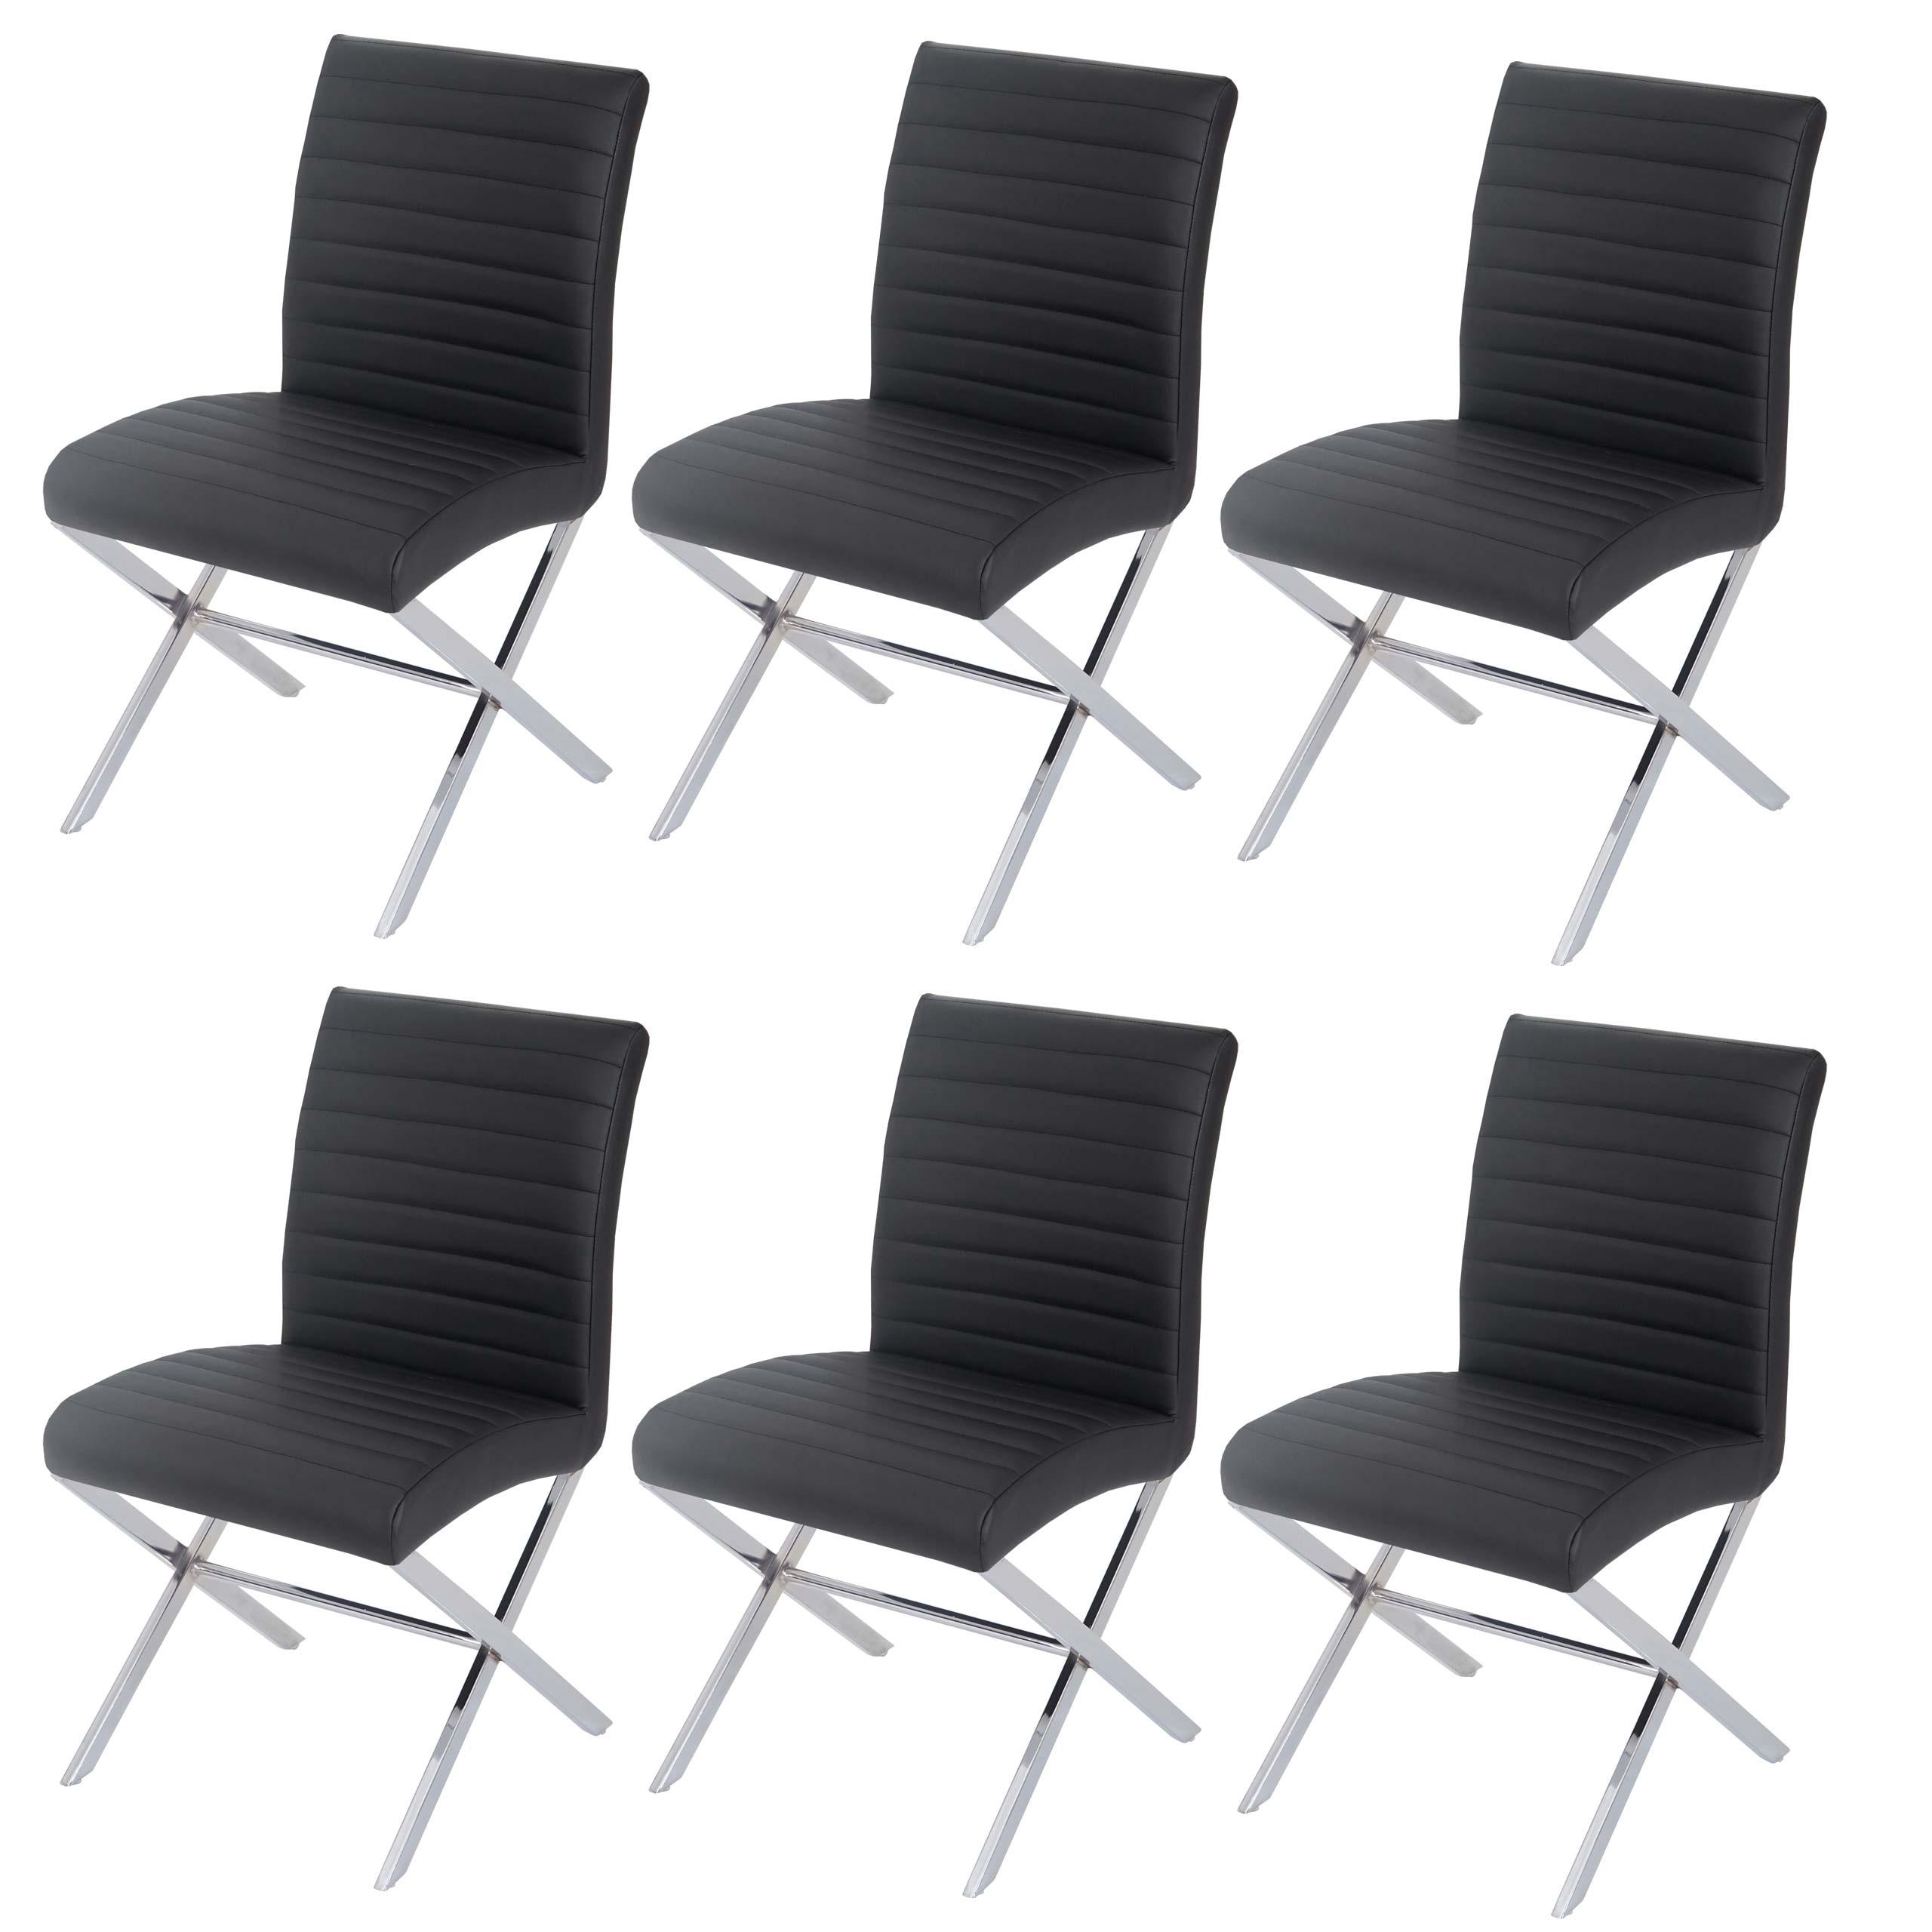 6x esszimmerstuhl fano stuhl lehnstuhl kunstleder chrom schwarz. Black Bedroom Furniture Sets. Home Design Ideas